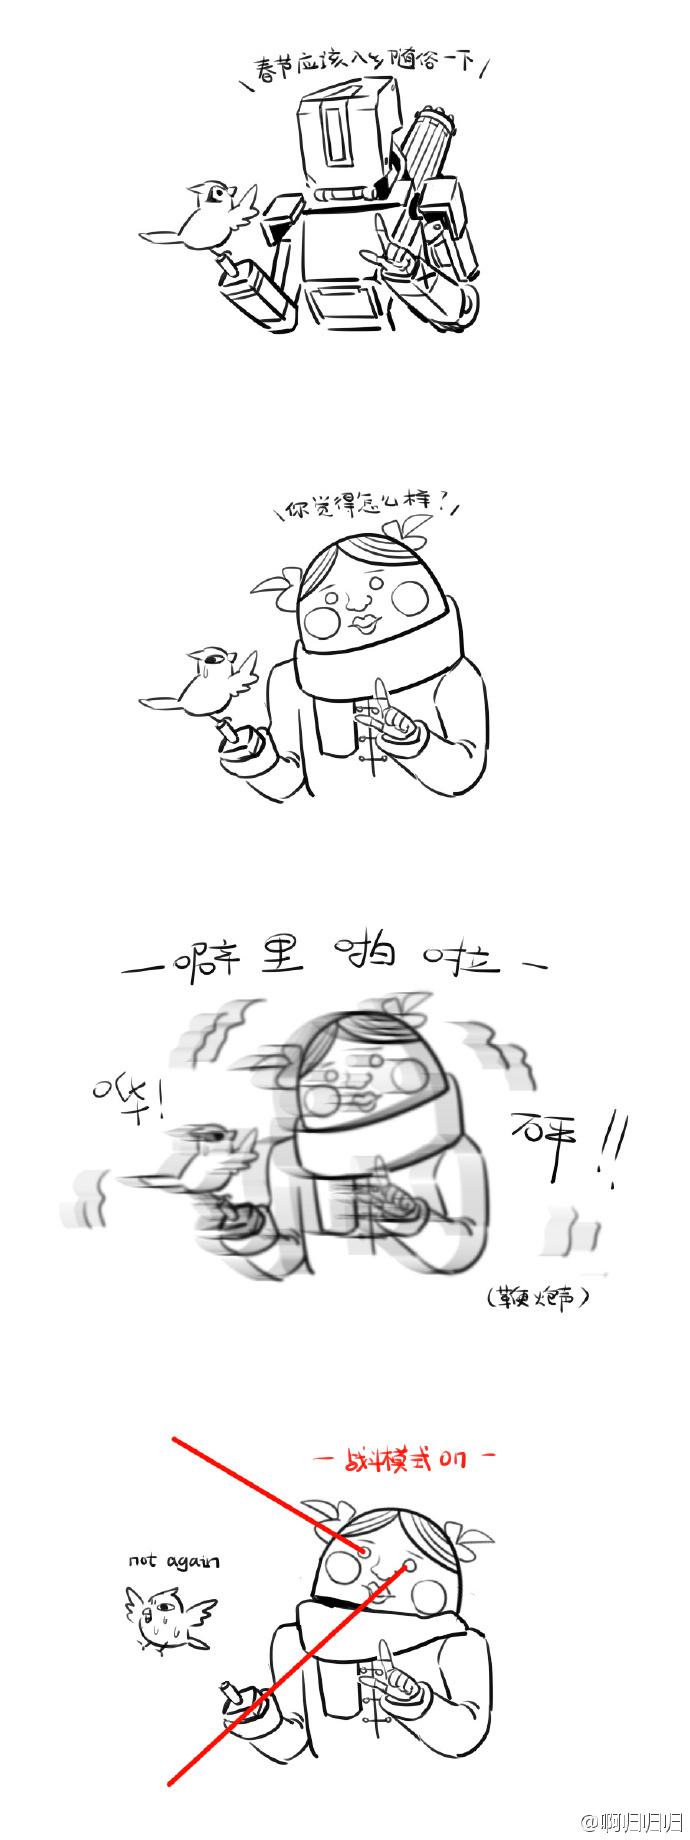 守望先锋搞笑漫画 (5).jpg